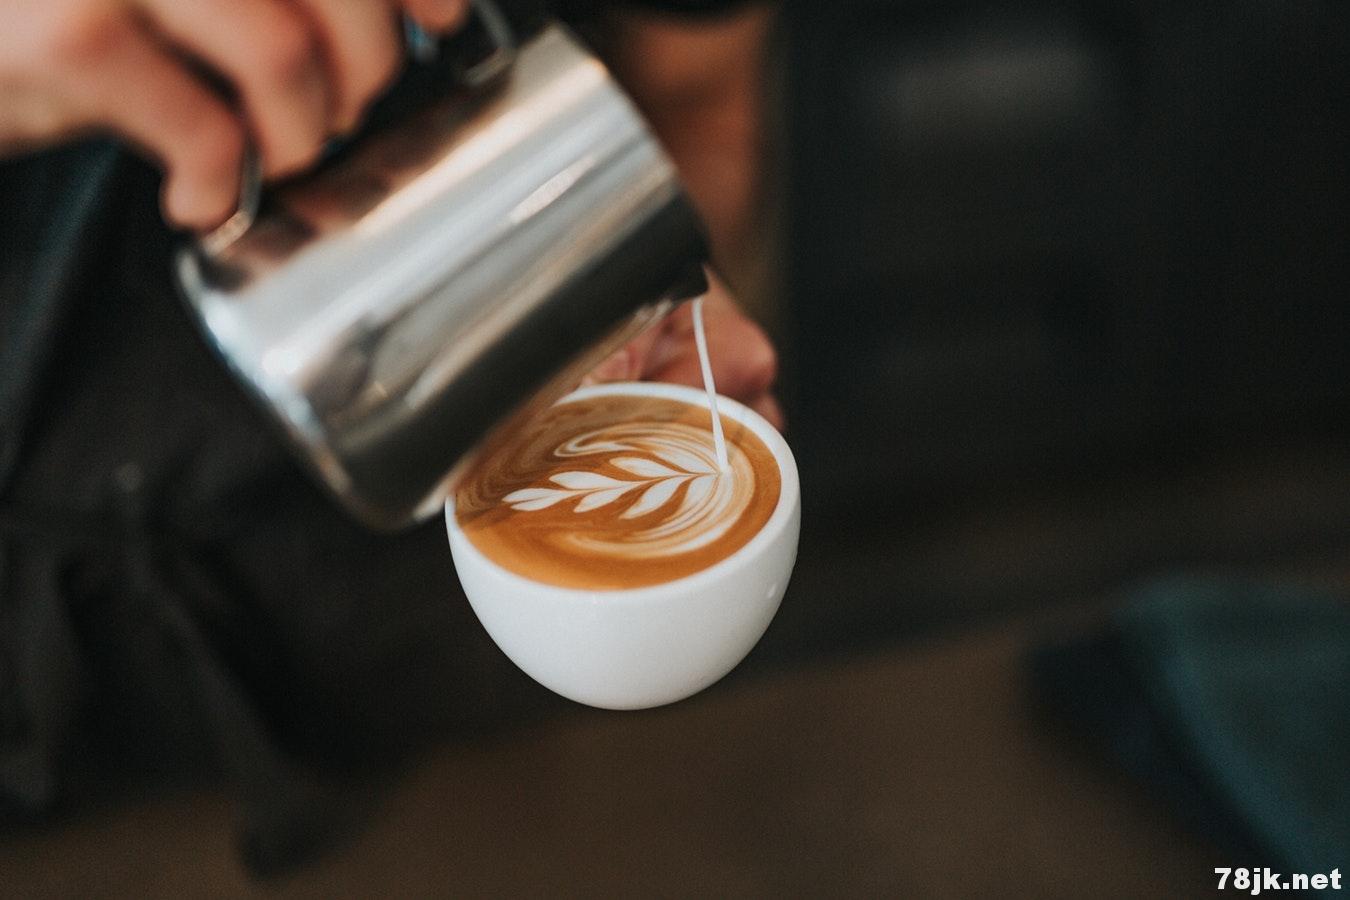 咖啡因可以提神多久?作用时间是多久呢?